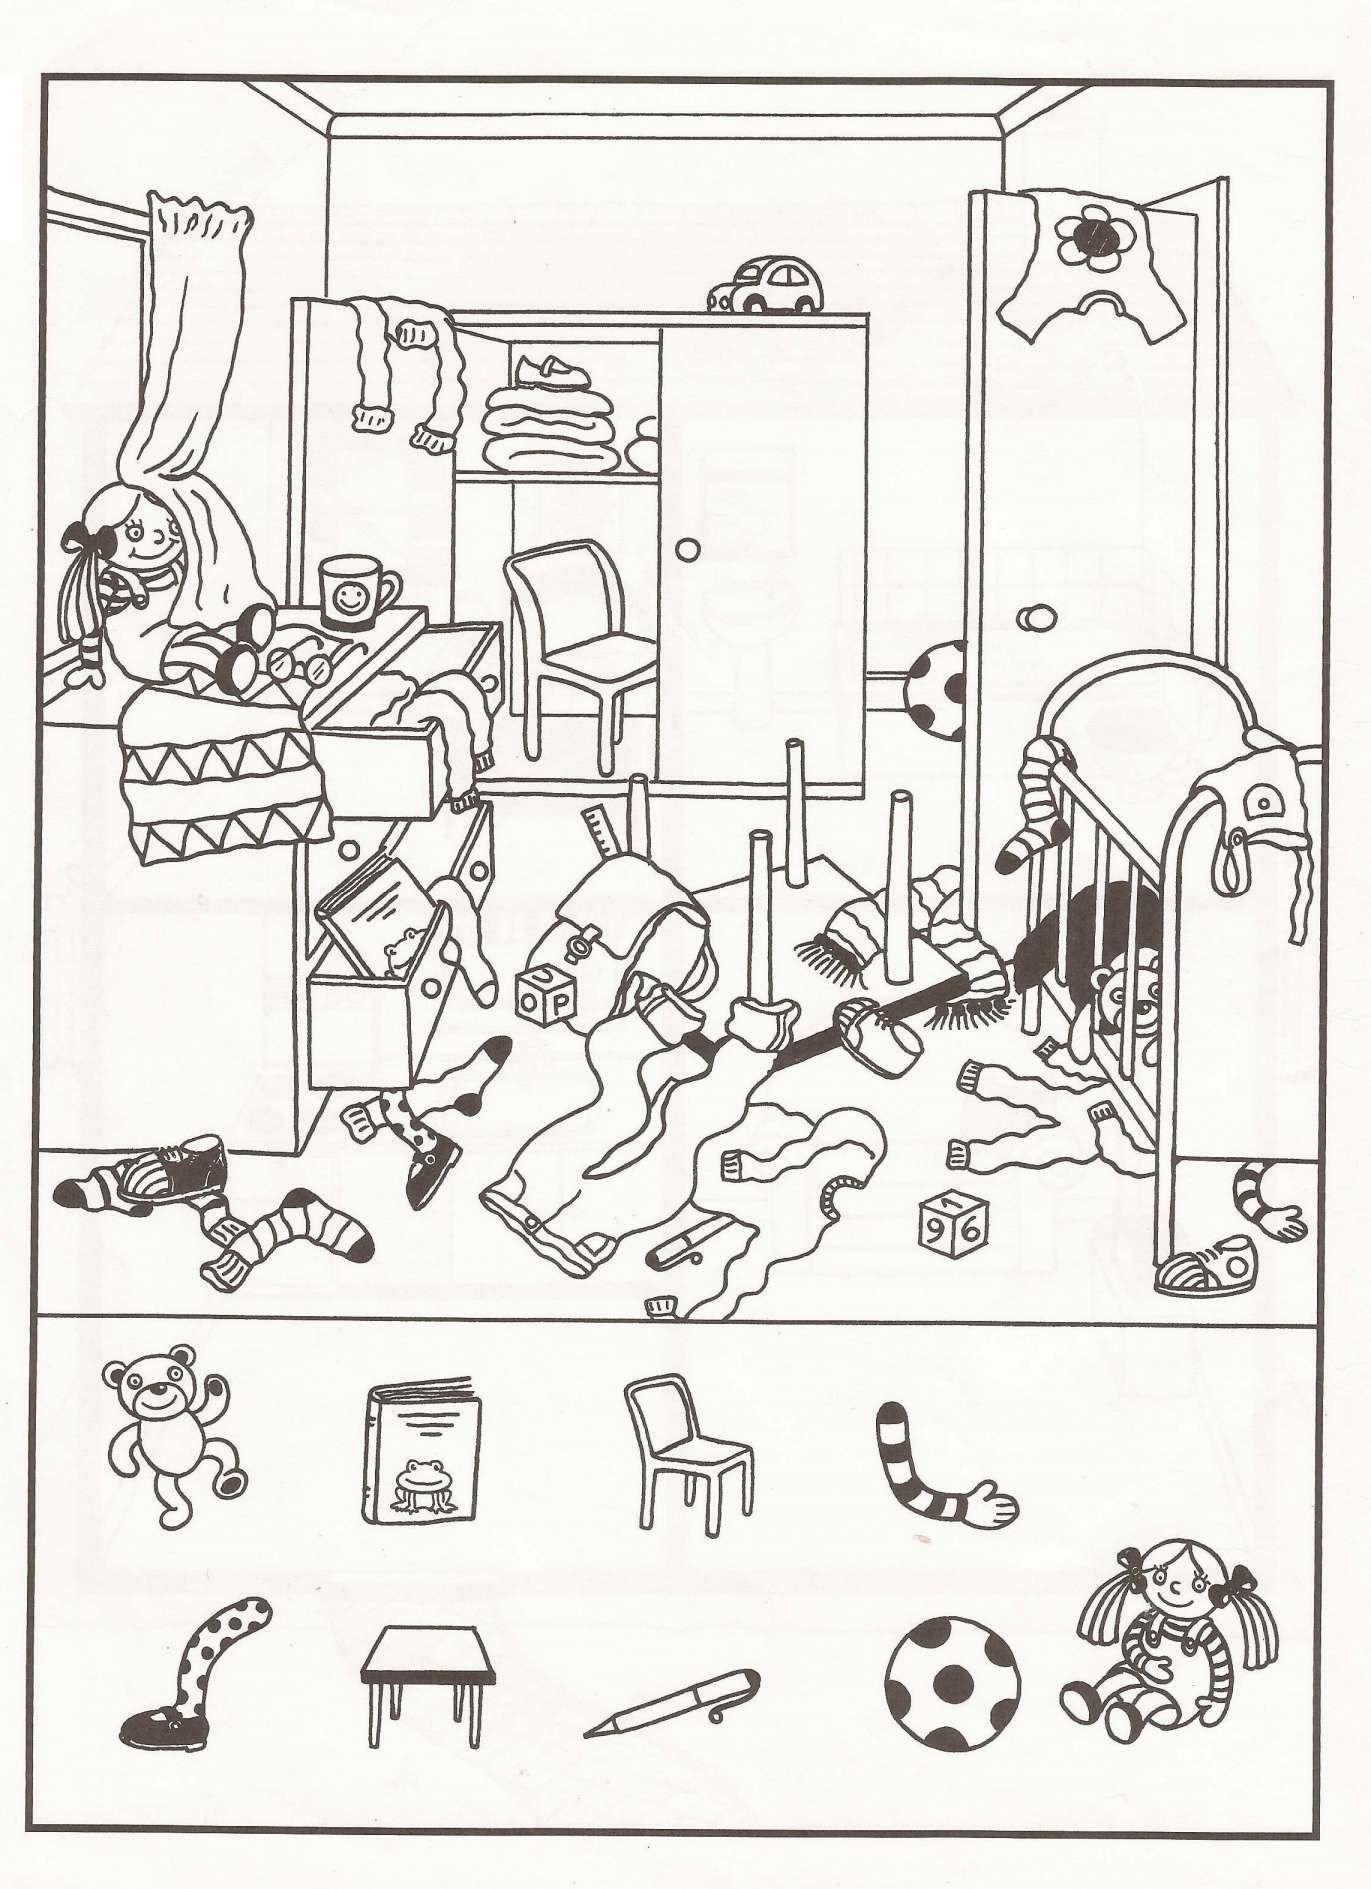 10 Bedroom Worksheet For Kindergarten